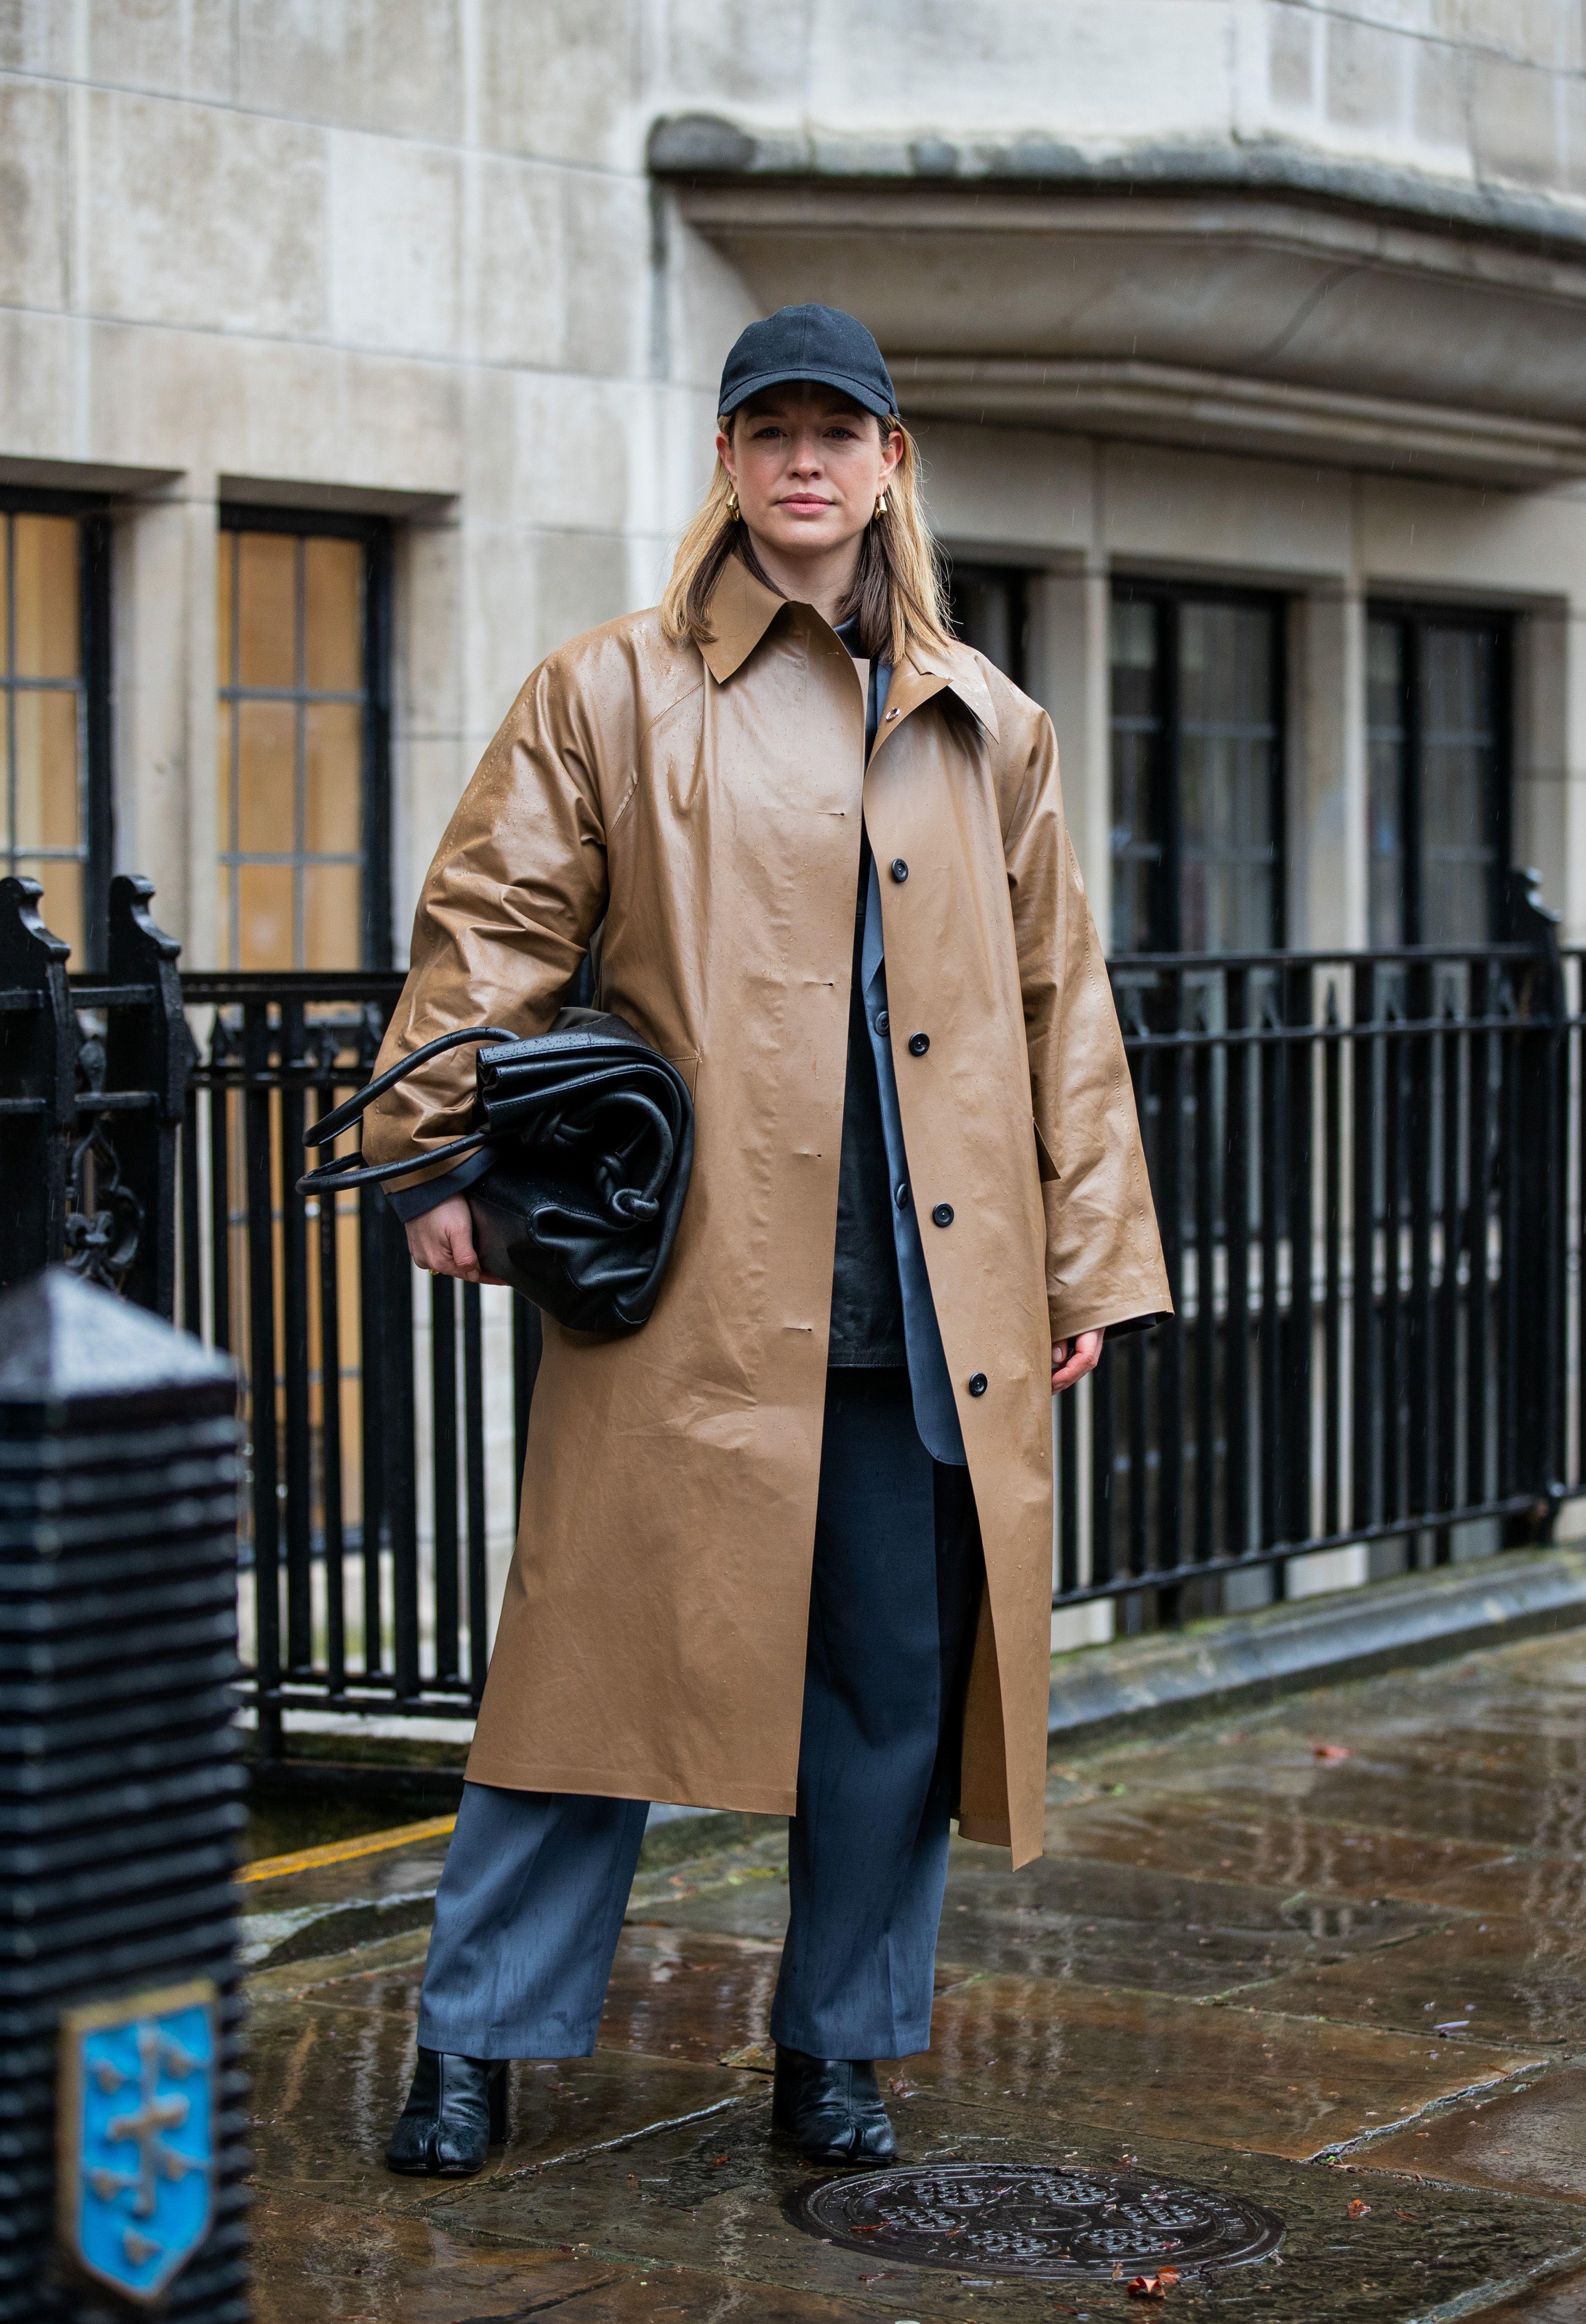 De perfecte regen outfit